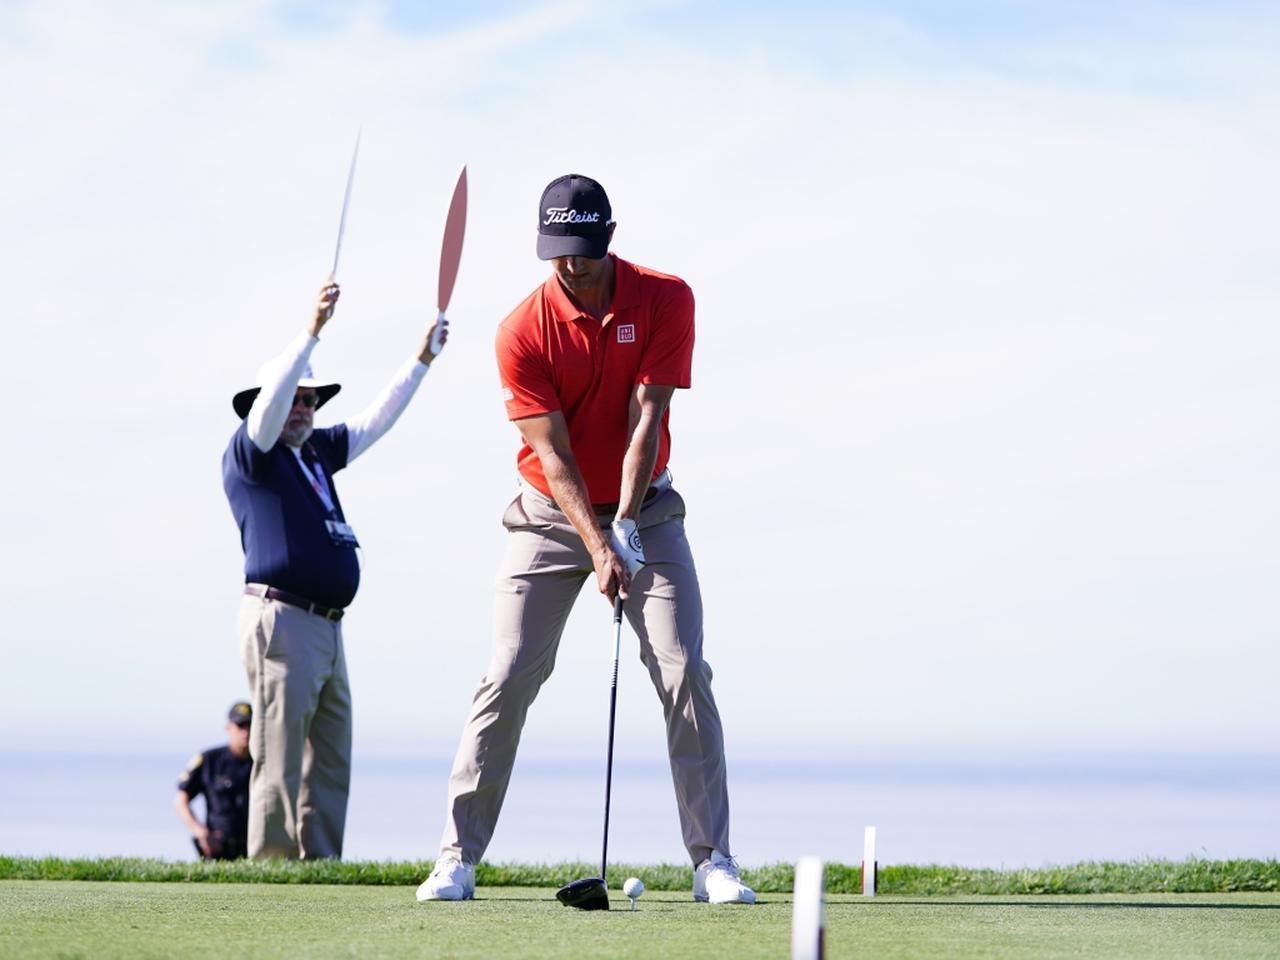 画像32: 【ギア研究】PGAツアートップ選手のレプリカドライバーを組んで打った。「運命のシャフトとヘッド」見つけ方